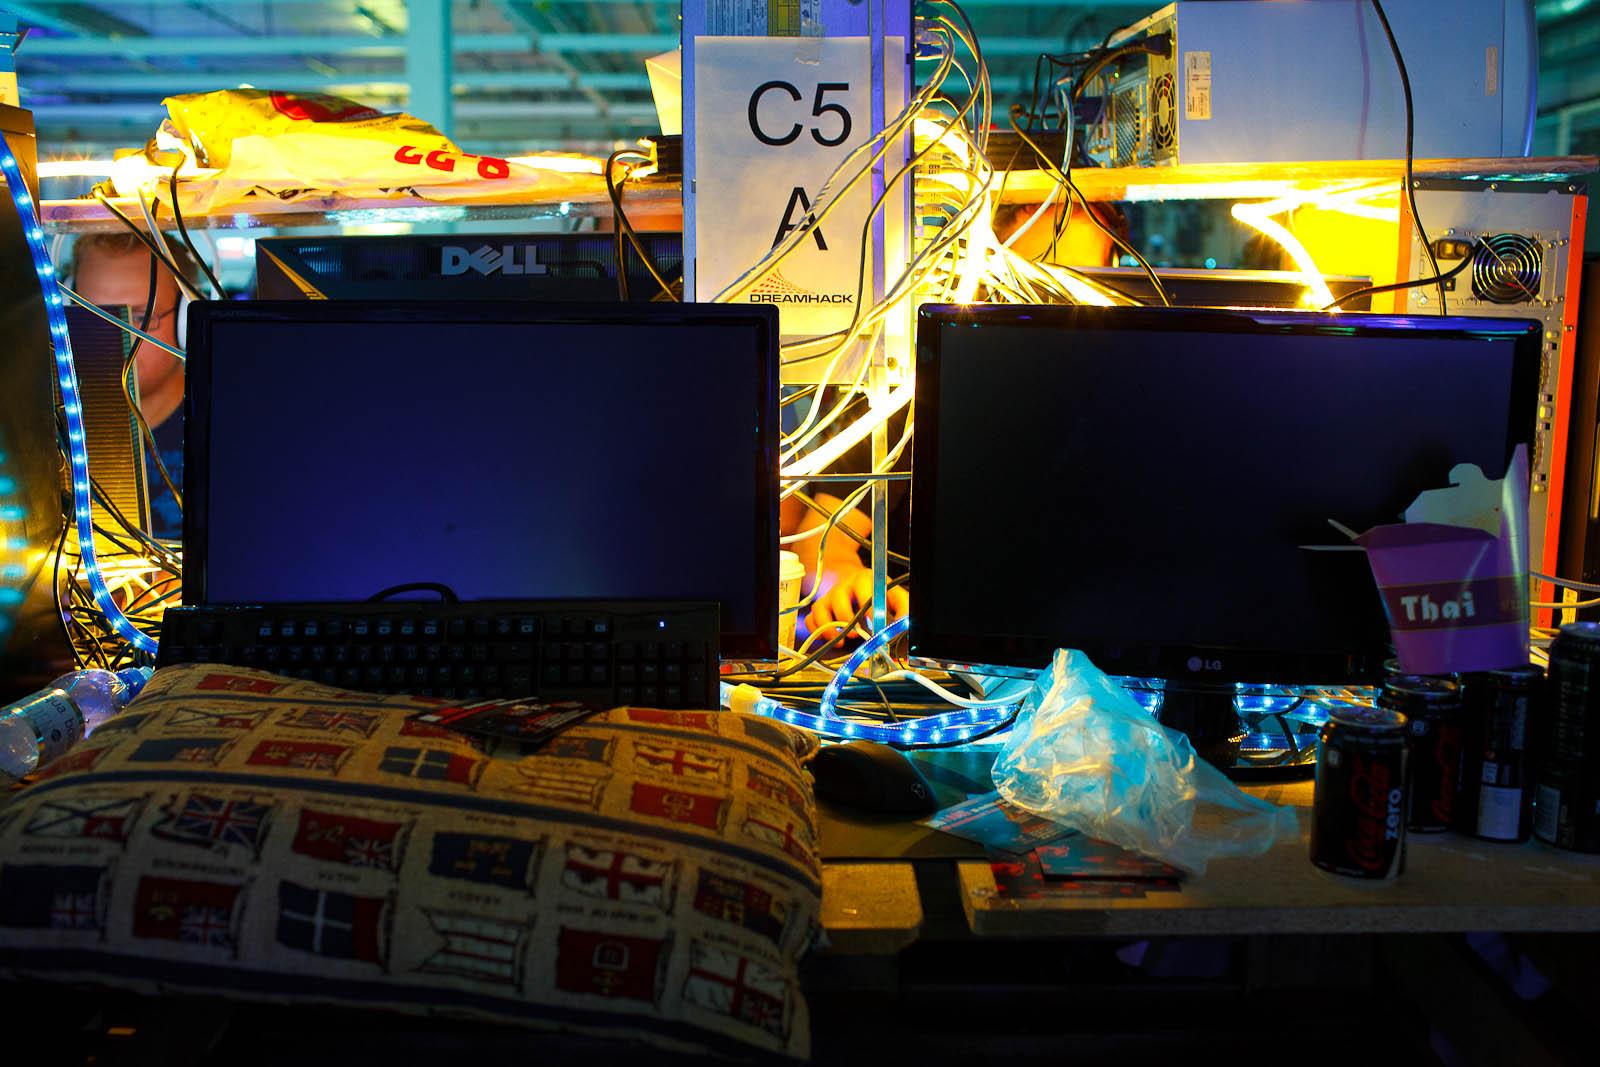 Monitors and games asleep